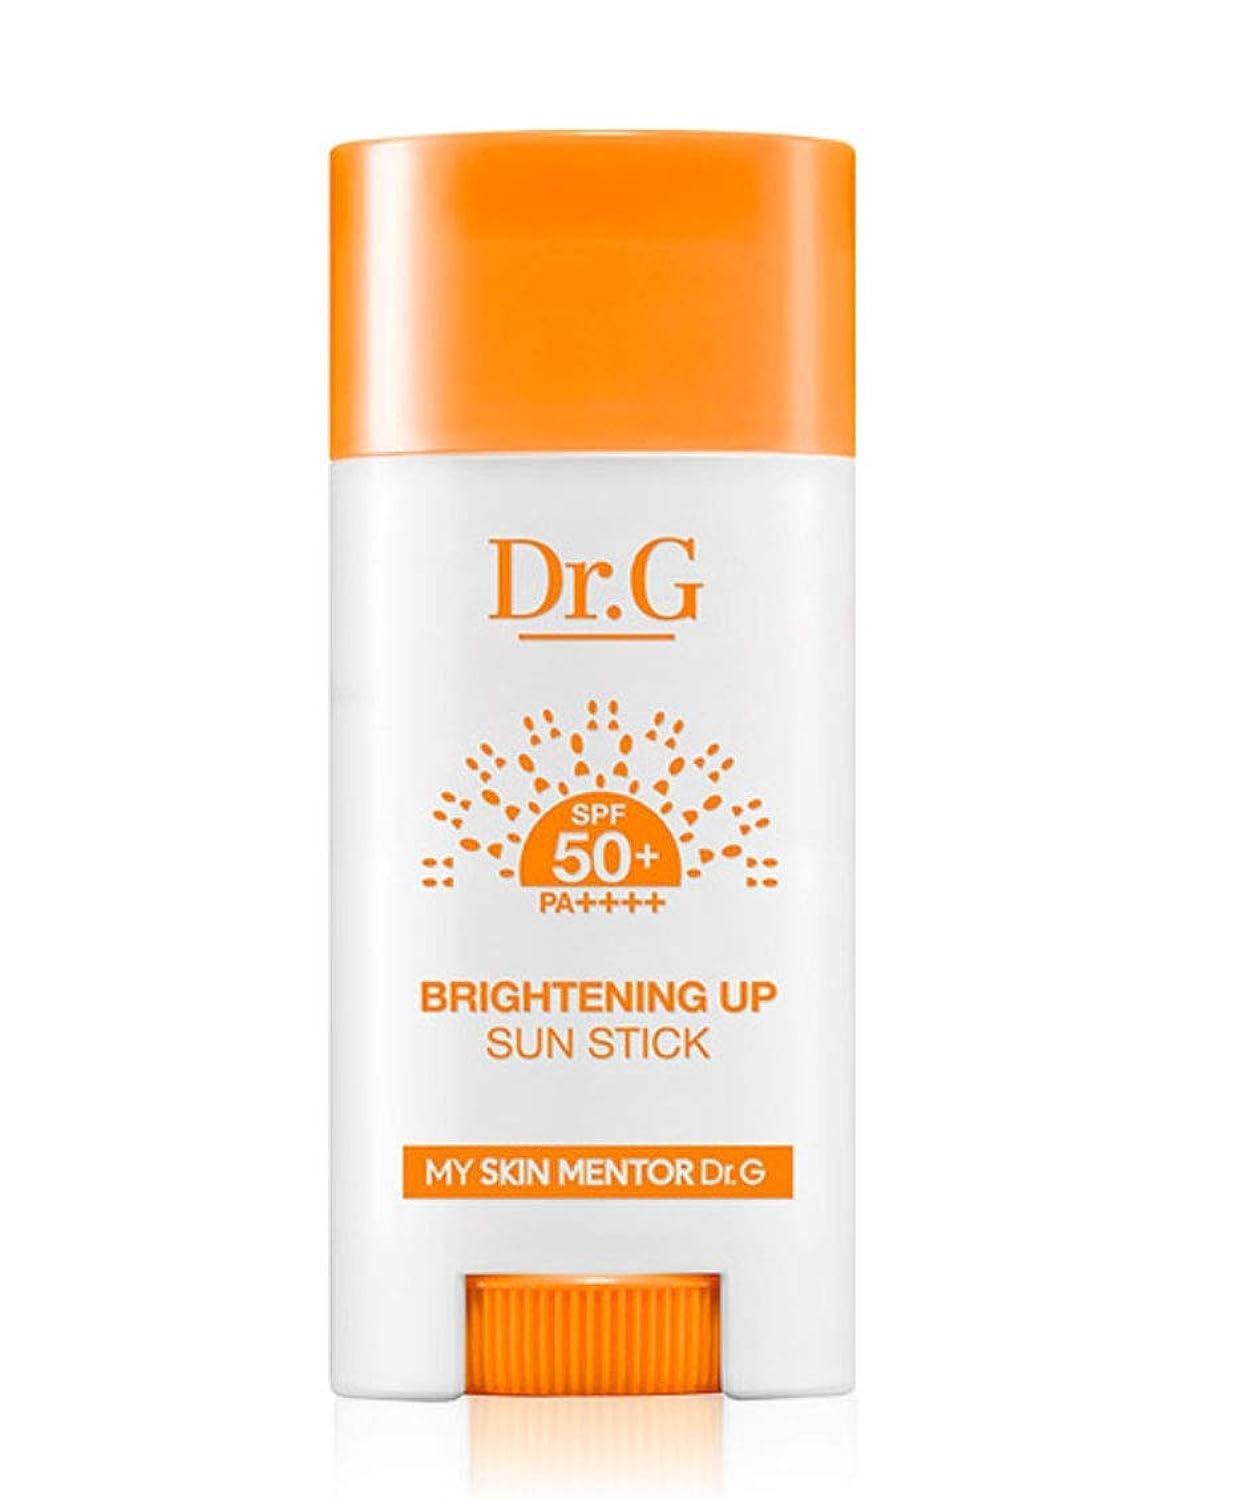 ズボンマート忍耐Dr.G BRIGHTEING UP Sun Stick 15g SPF50+ PA++++ 日焼け止めパーフェクトUVネック?手?足の甲?部分的に塗って修正スティック [並行輸入品]